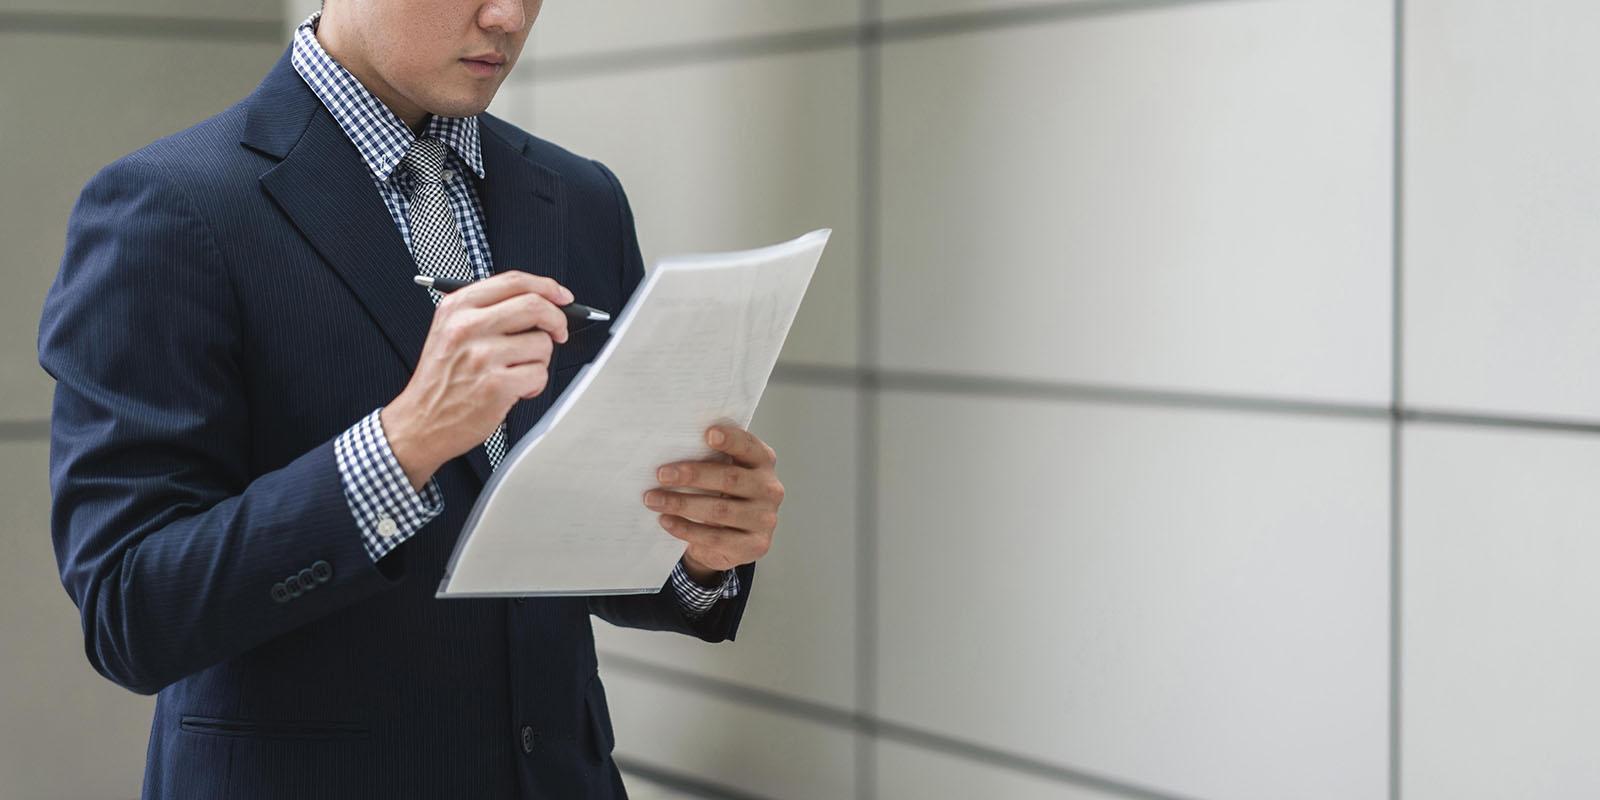 Tại sao phải đăng ký kinh doanh?